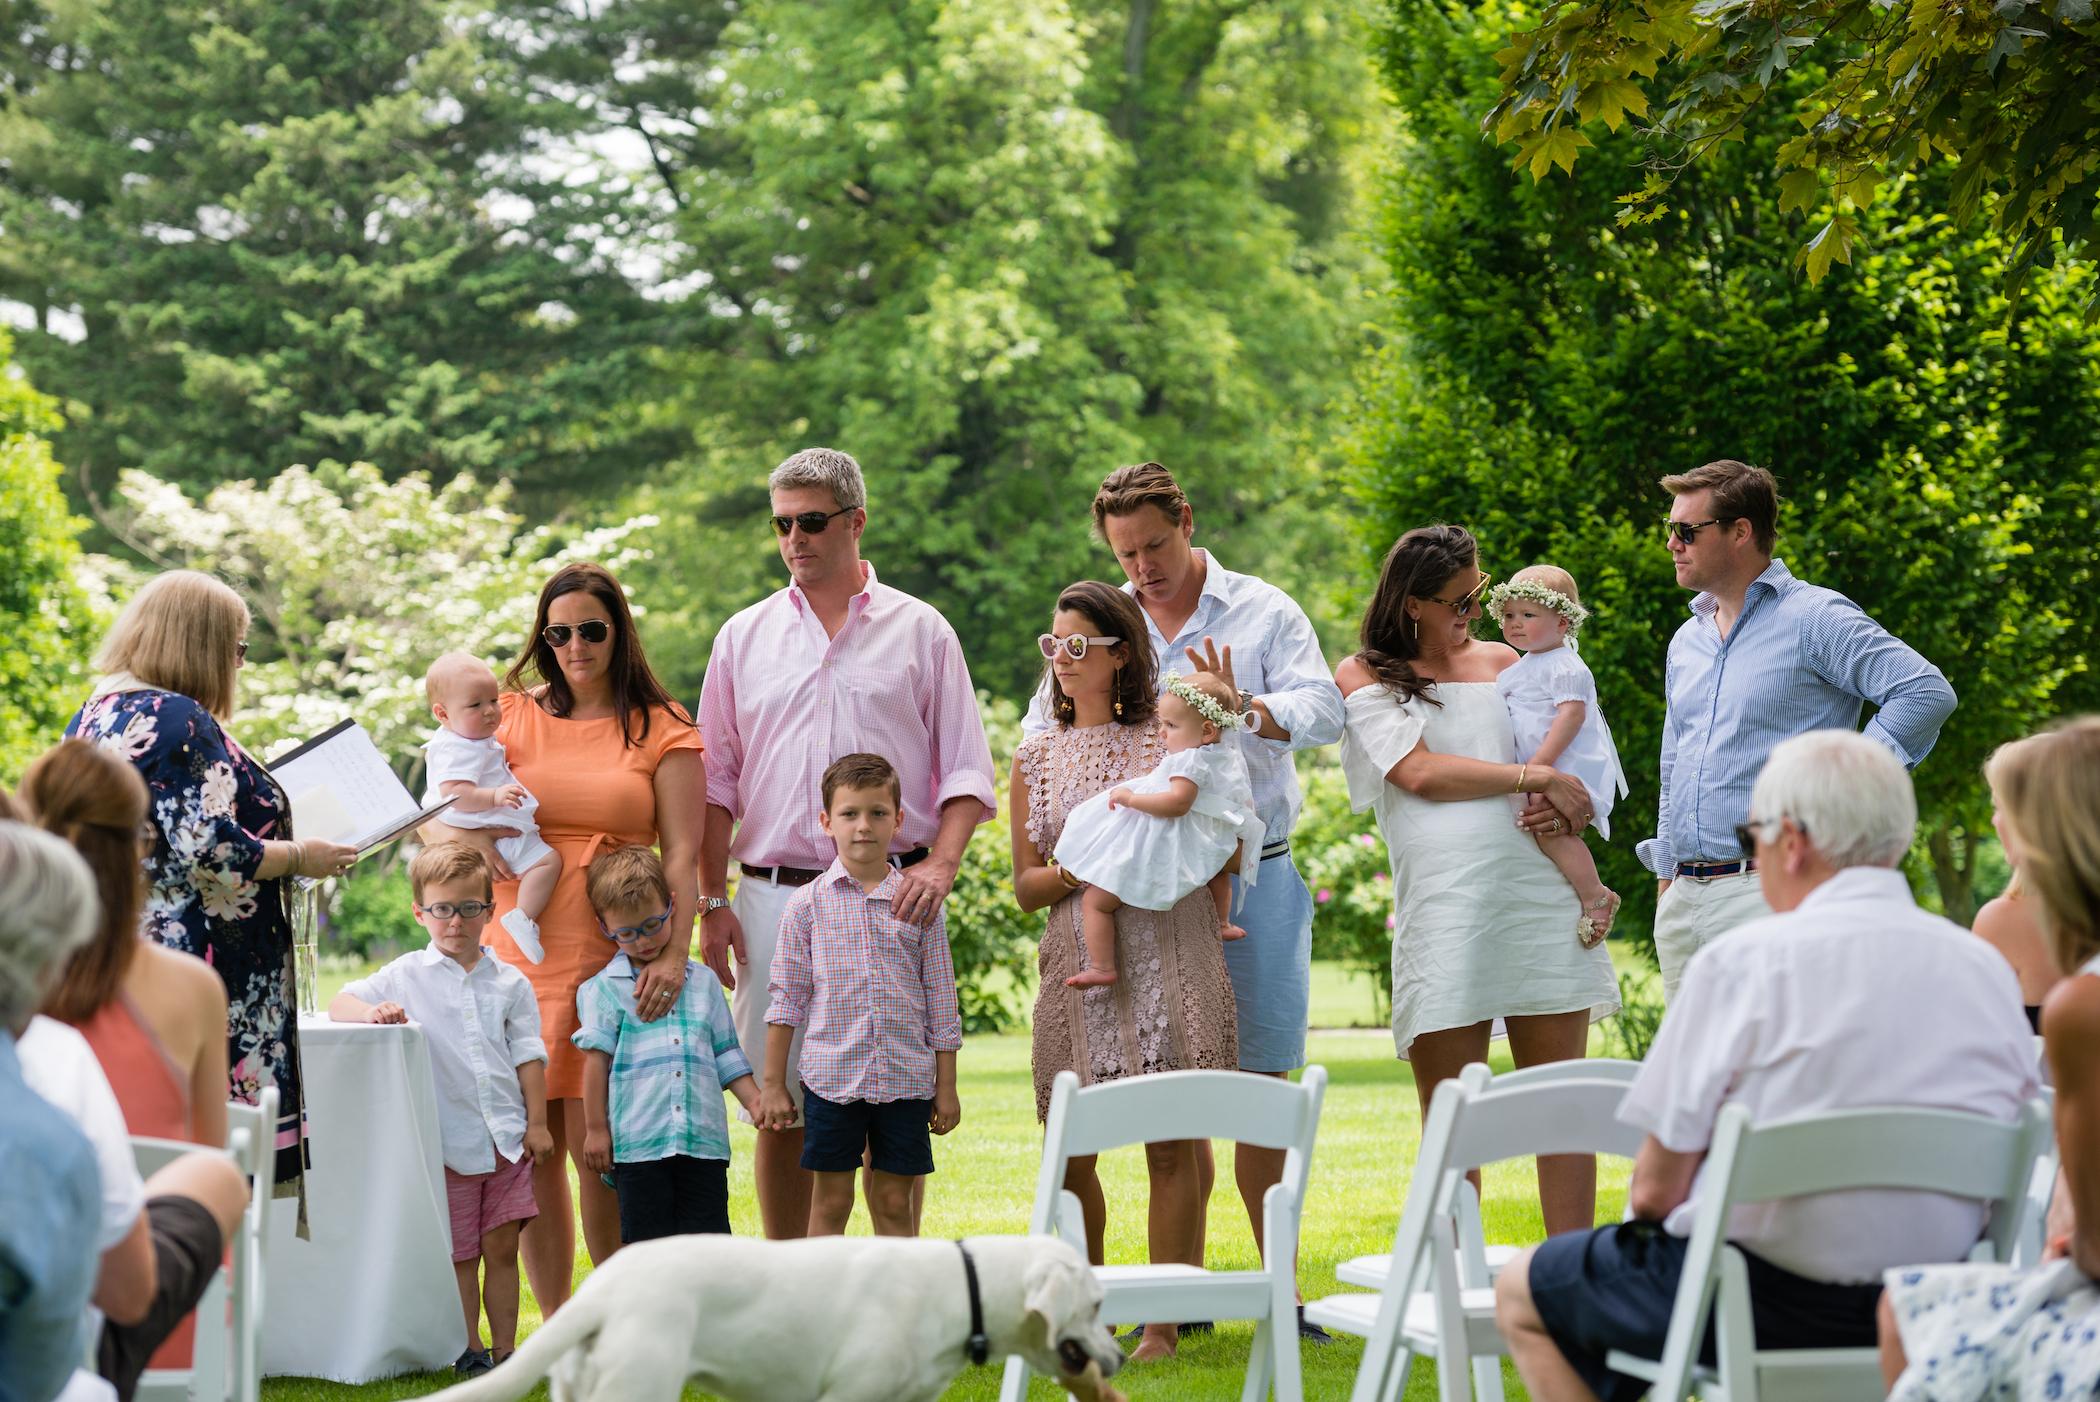 Family-Christening-62.jpg